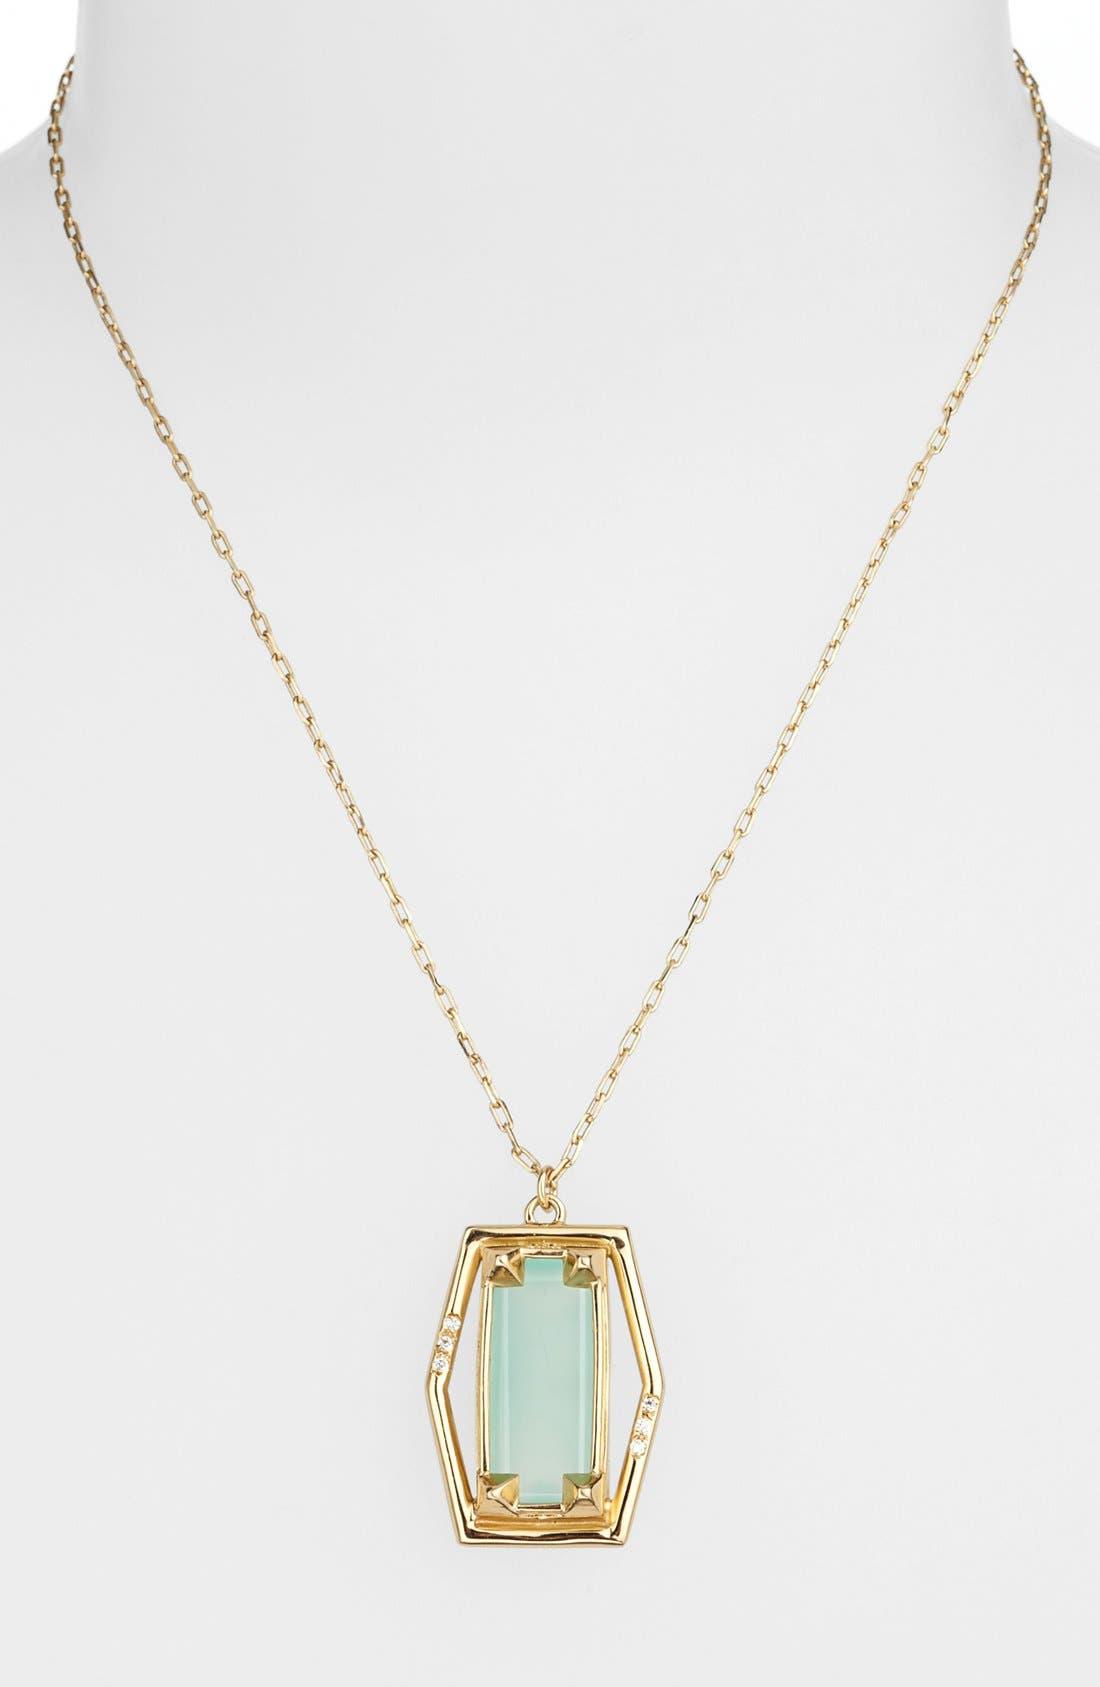 Main Image - Melinda Maria 'Thorn - Fenton' Pendant Necklace